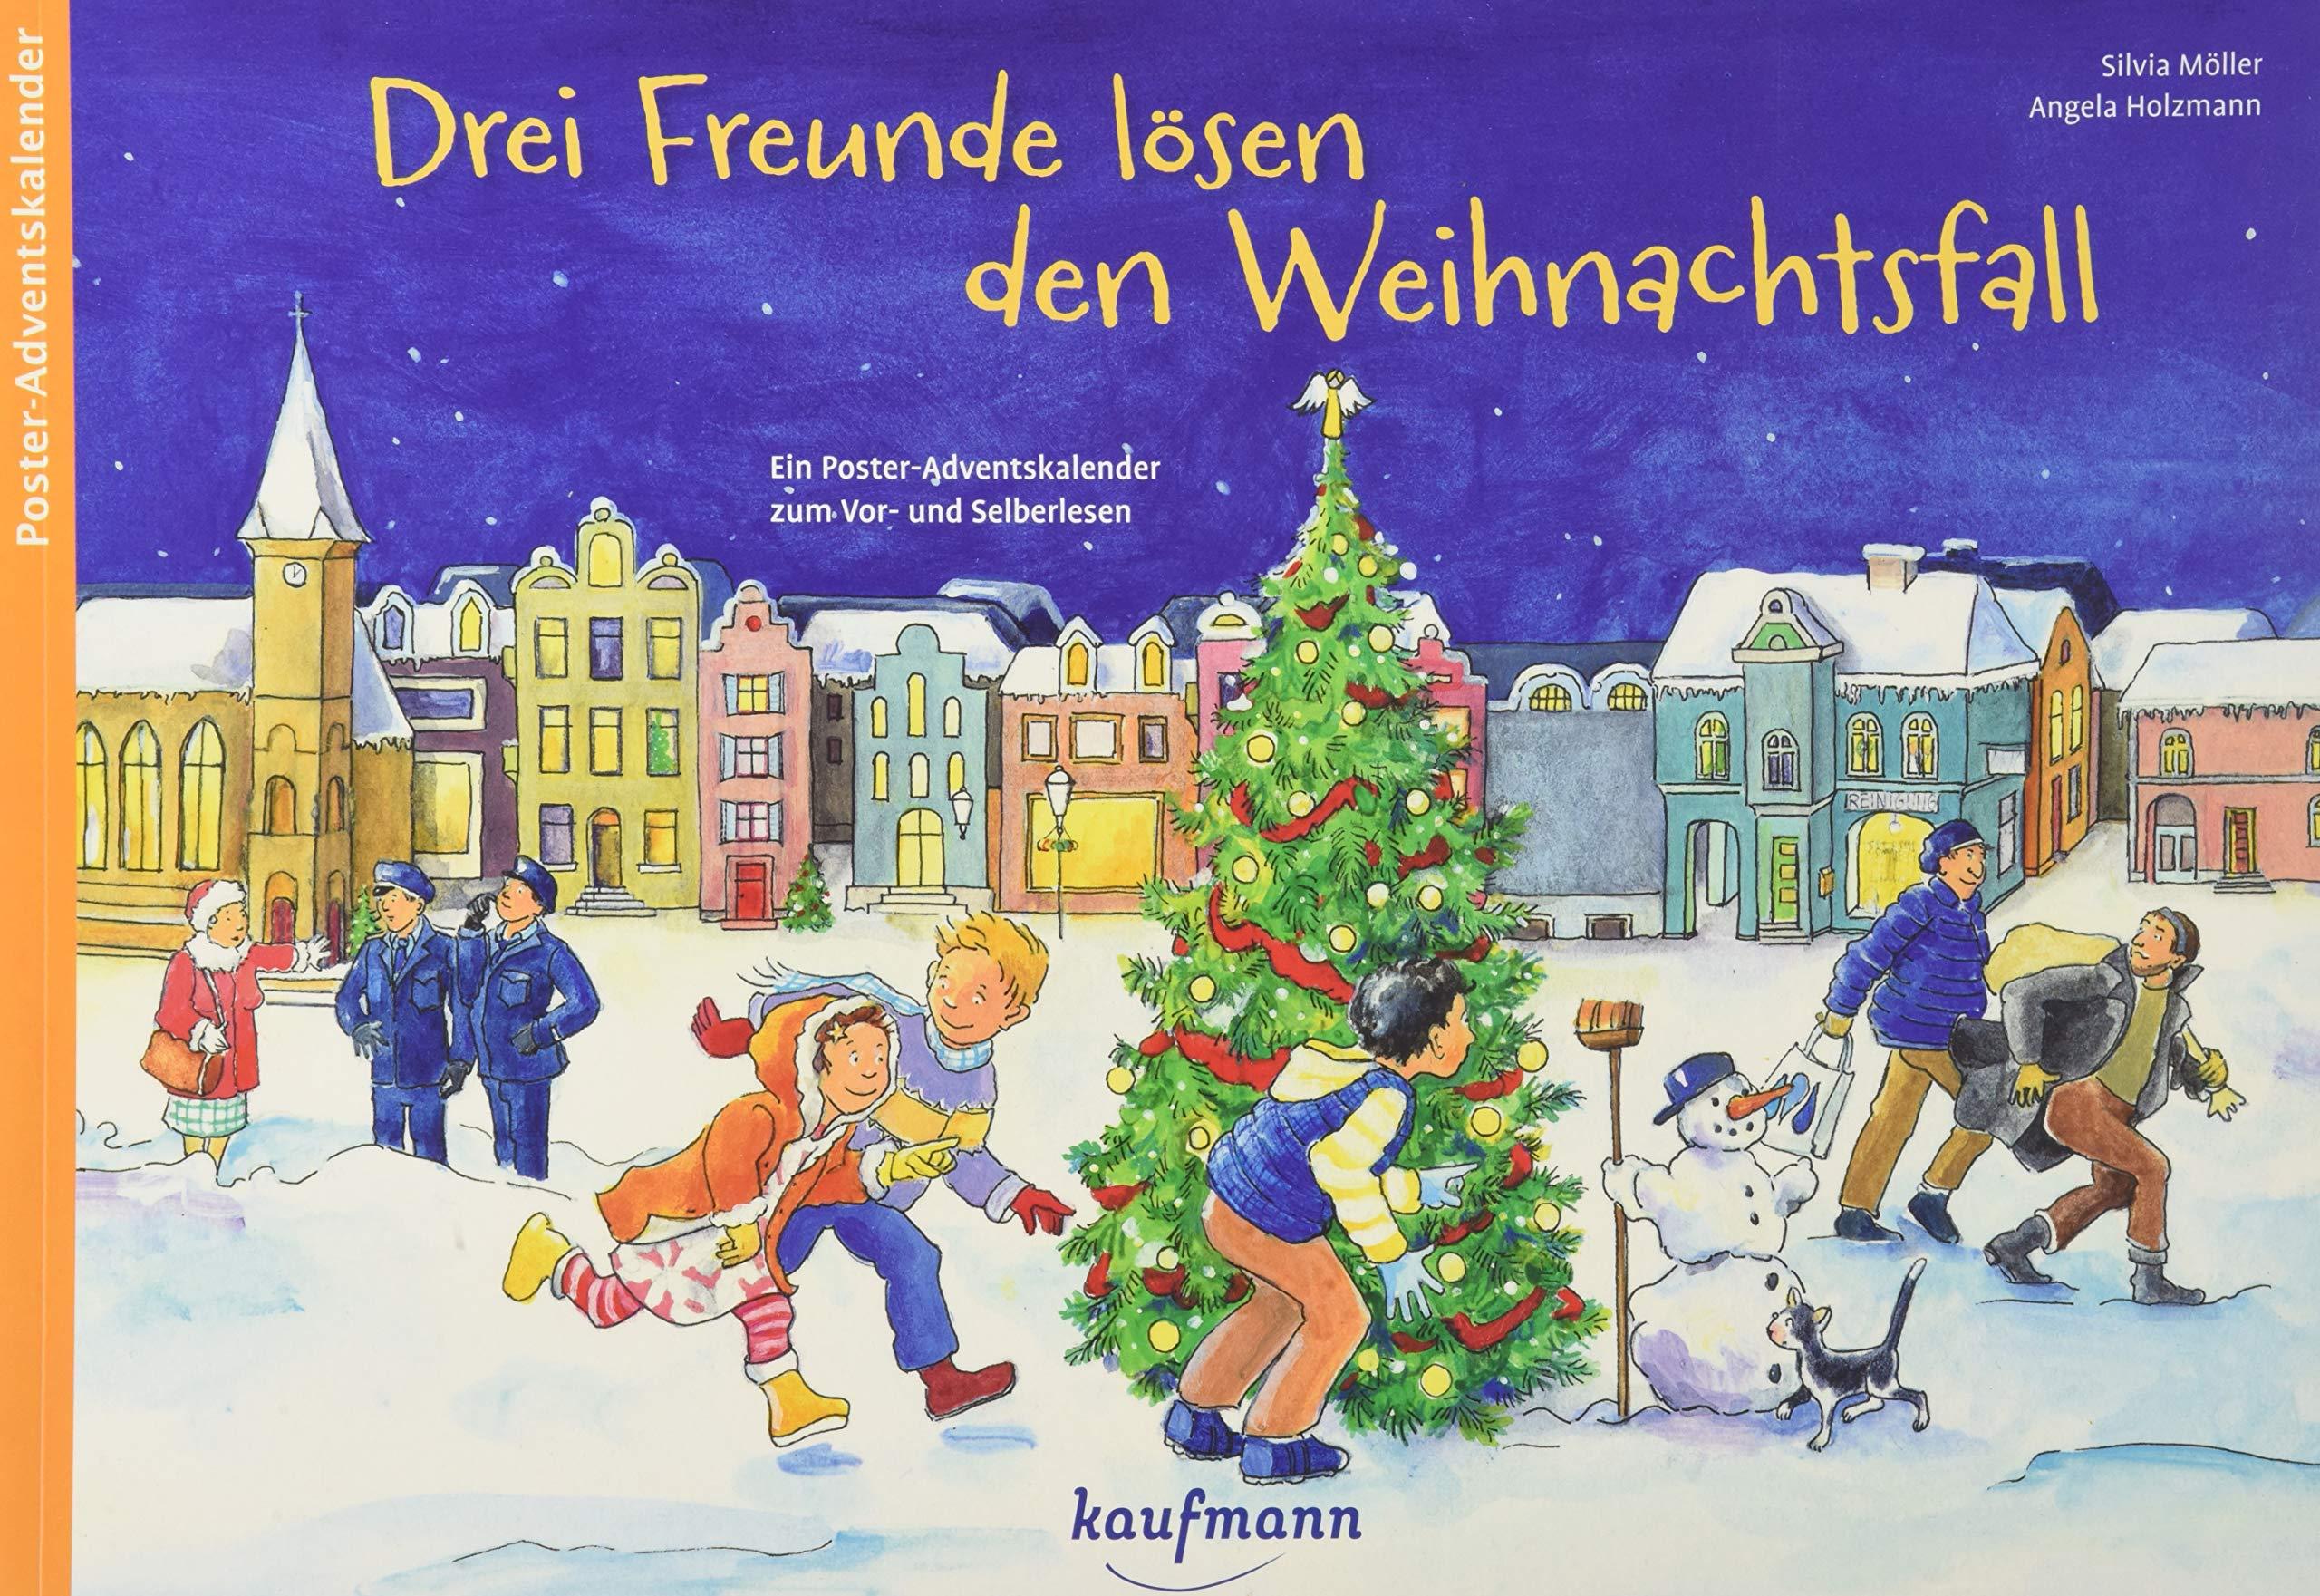 Drei Freunde lösen den Weihnachtsfall: Ein Poster-Adventskalender ...